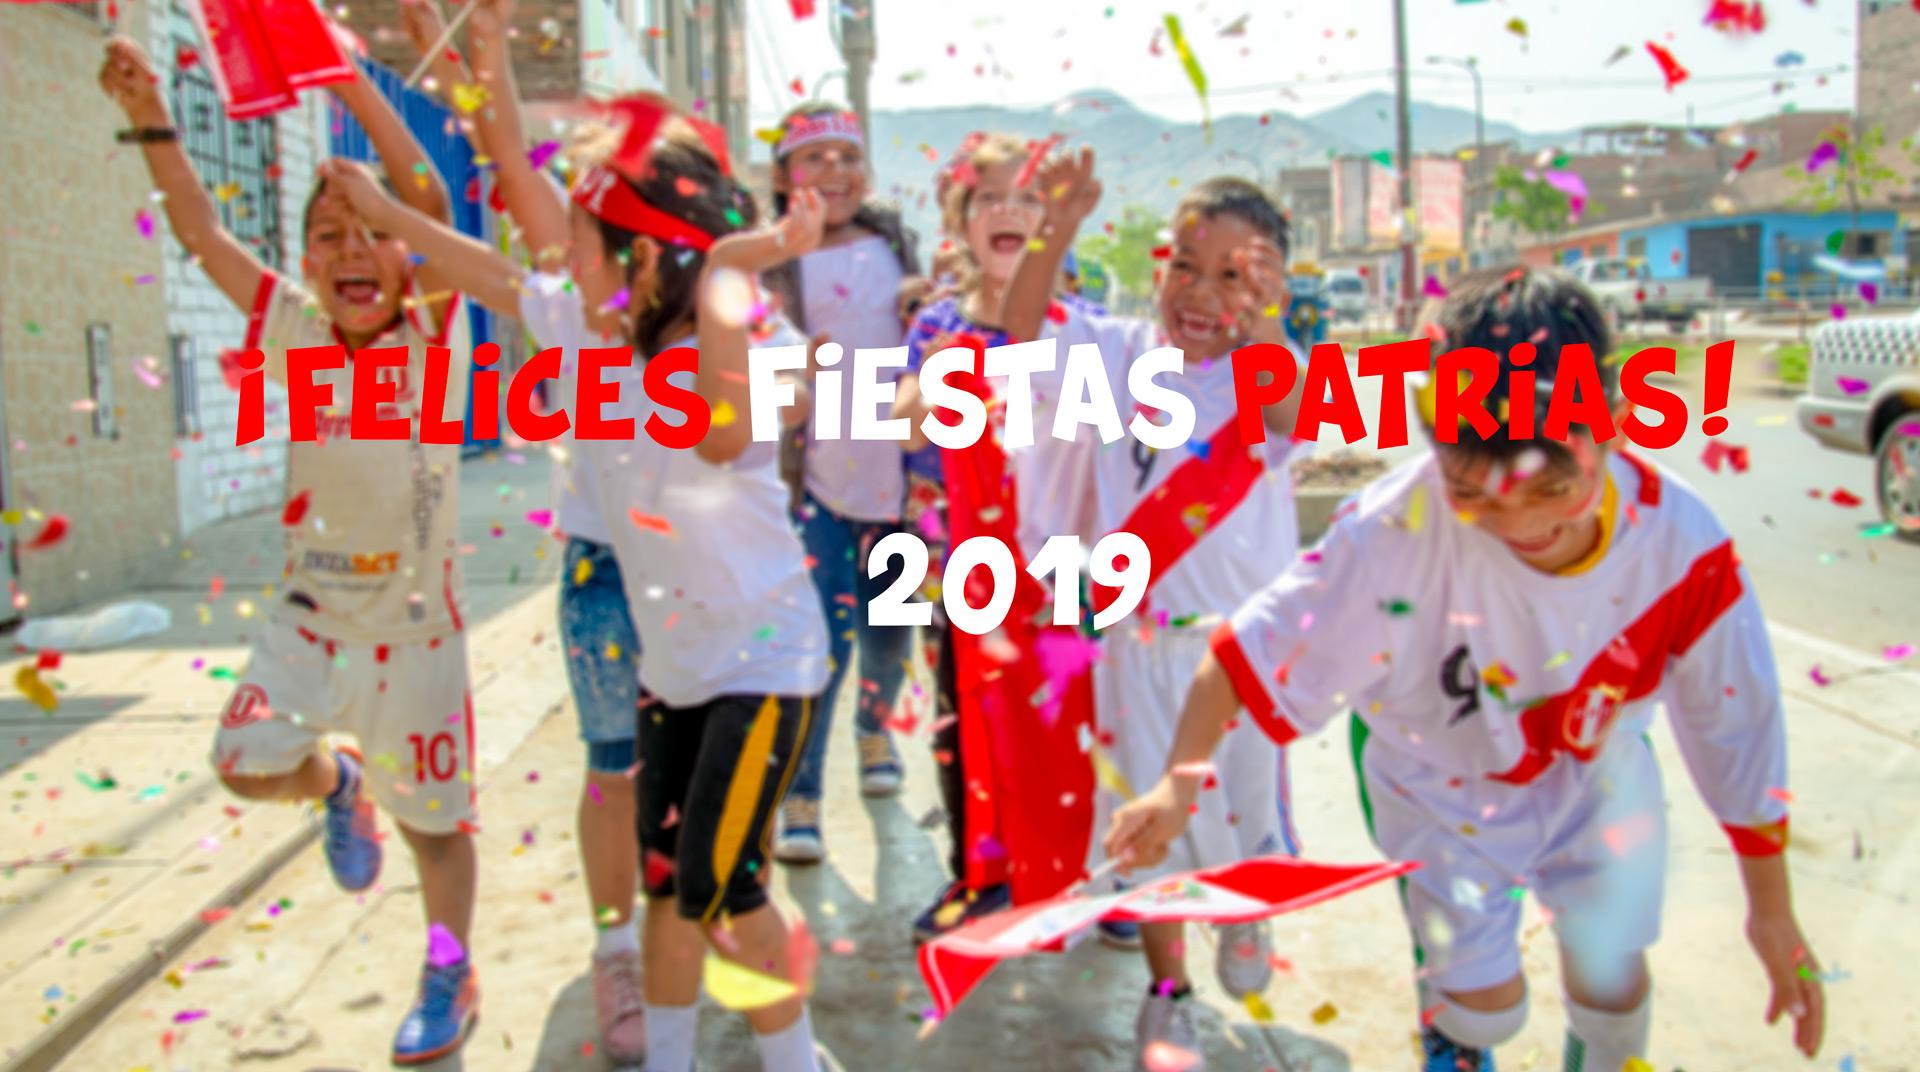 fiestas-patrias-web